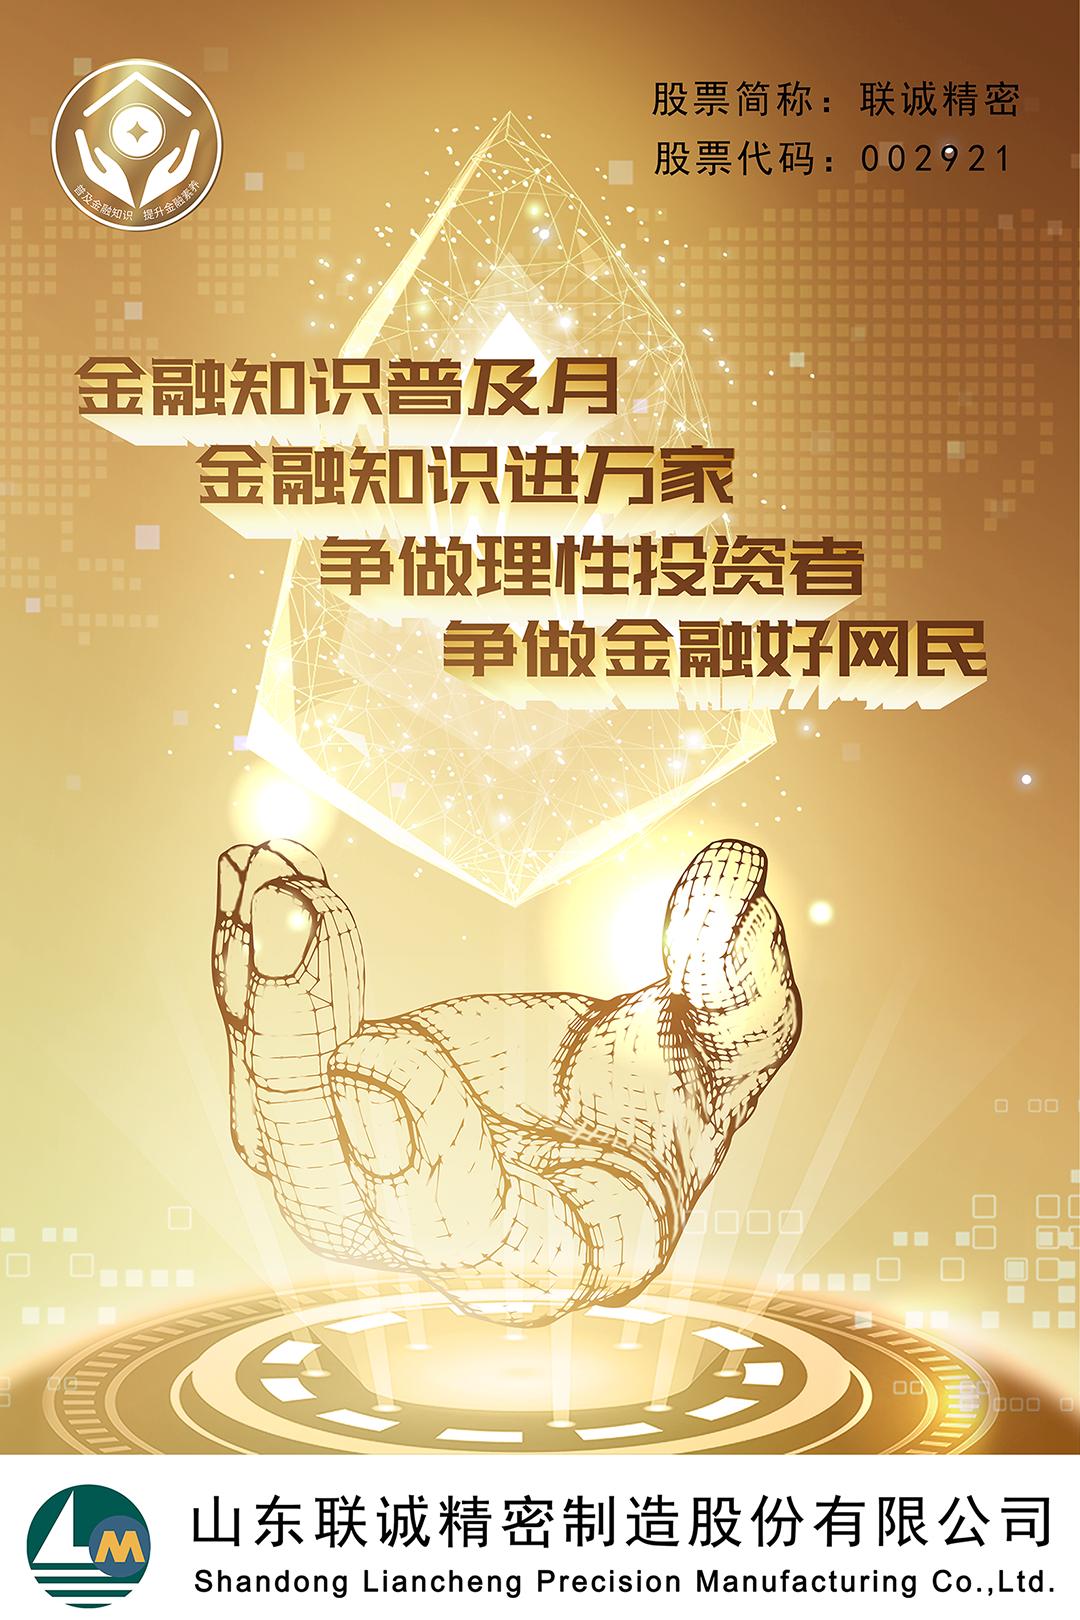 聯誠精密-普及金融知識活動海報1080-1620.png